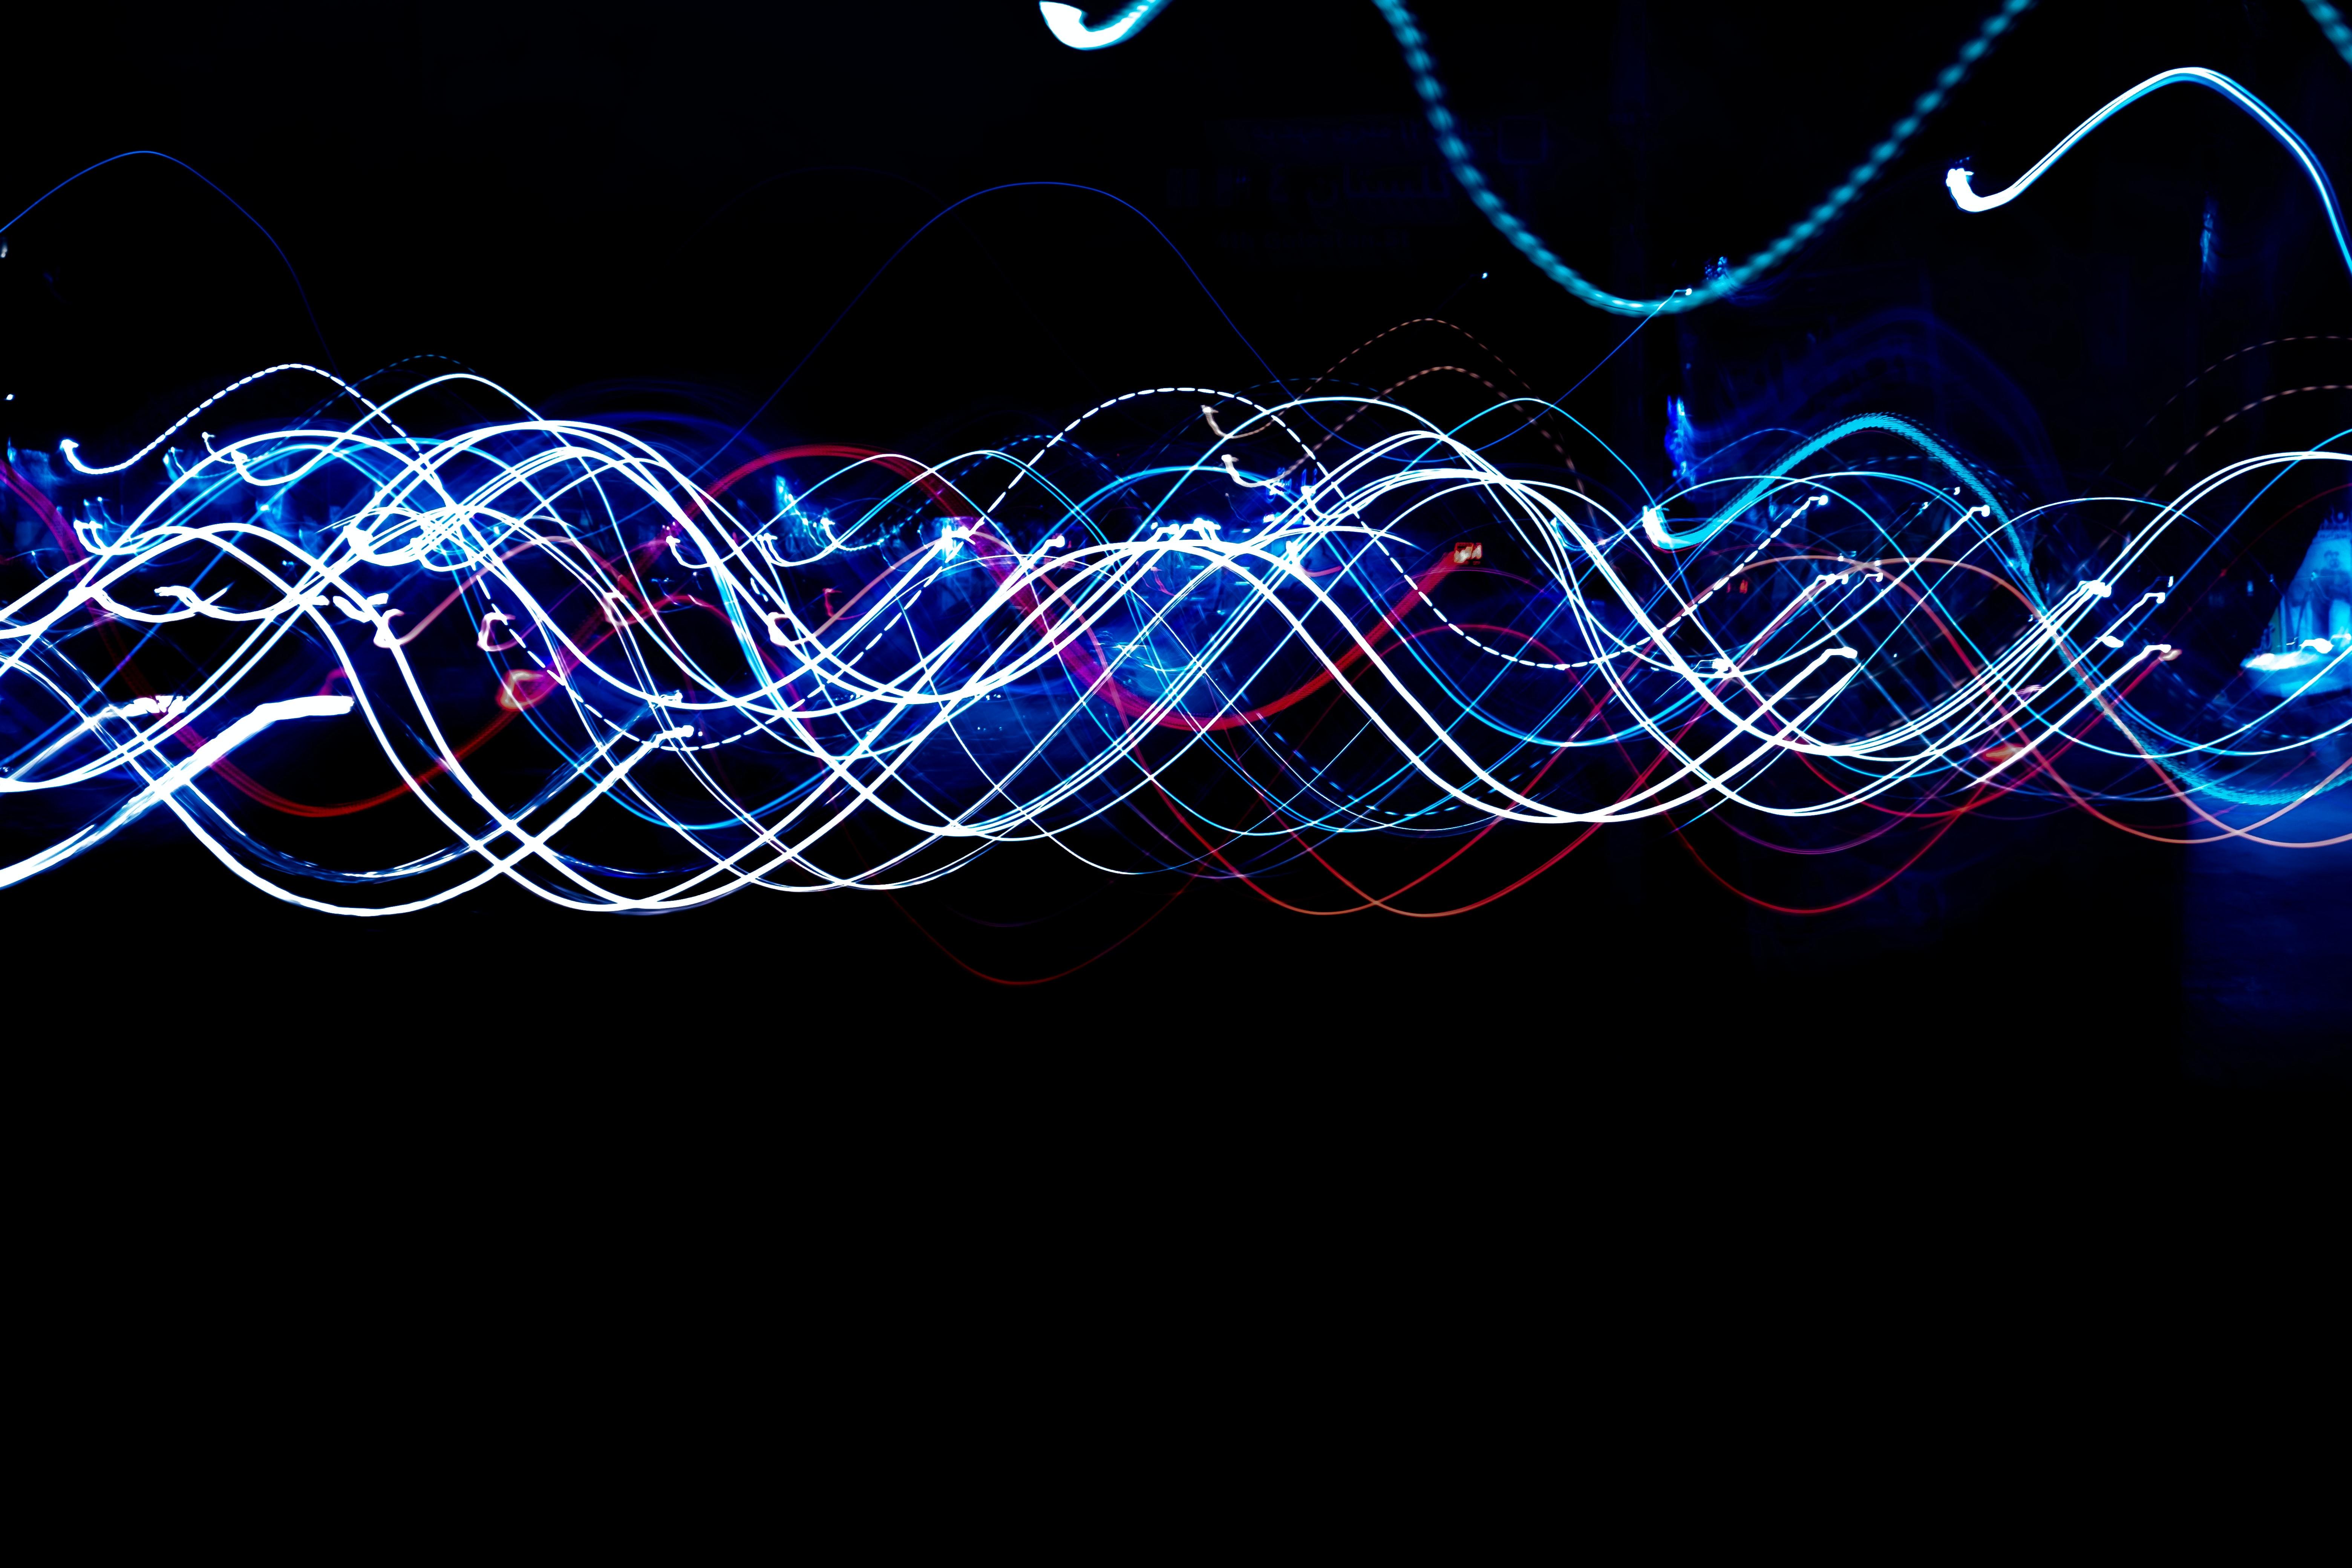 免費下載 64637: 抽象, 闪耀, 光, 线, 长期接触, 长曝光, 冻结之光, 弗里斯利特, 辉光, 发光 桌面壁紙